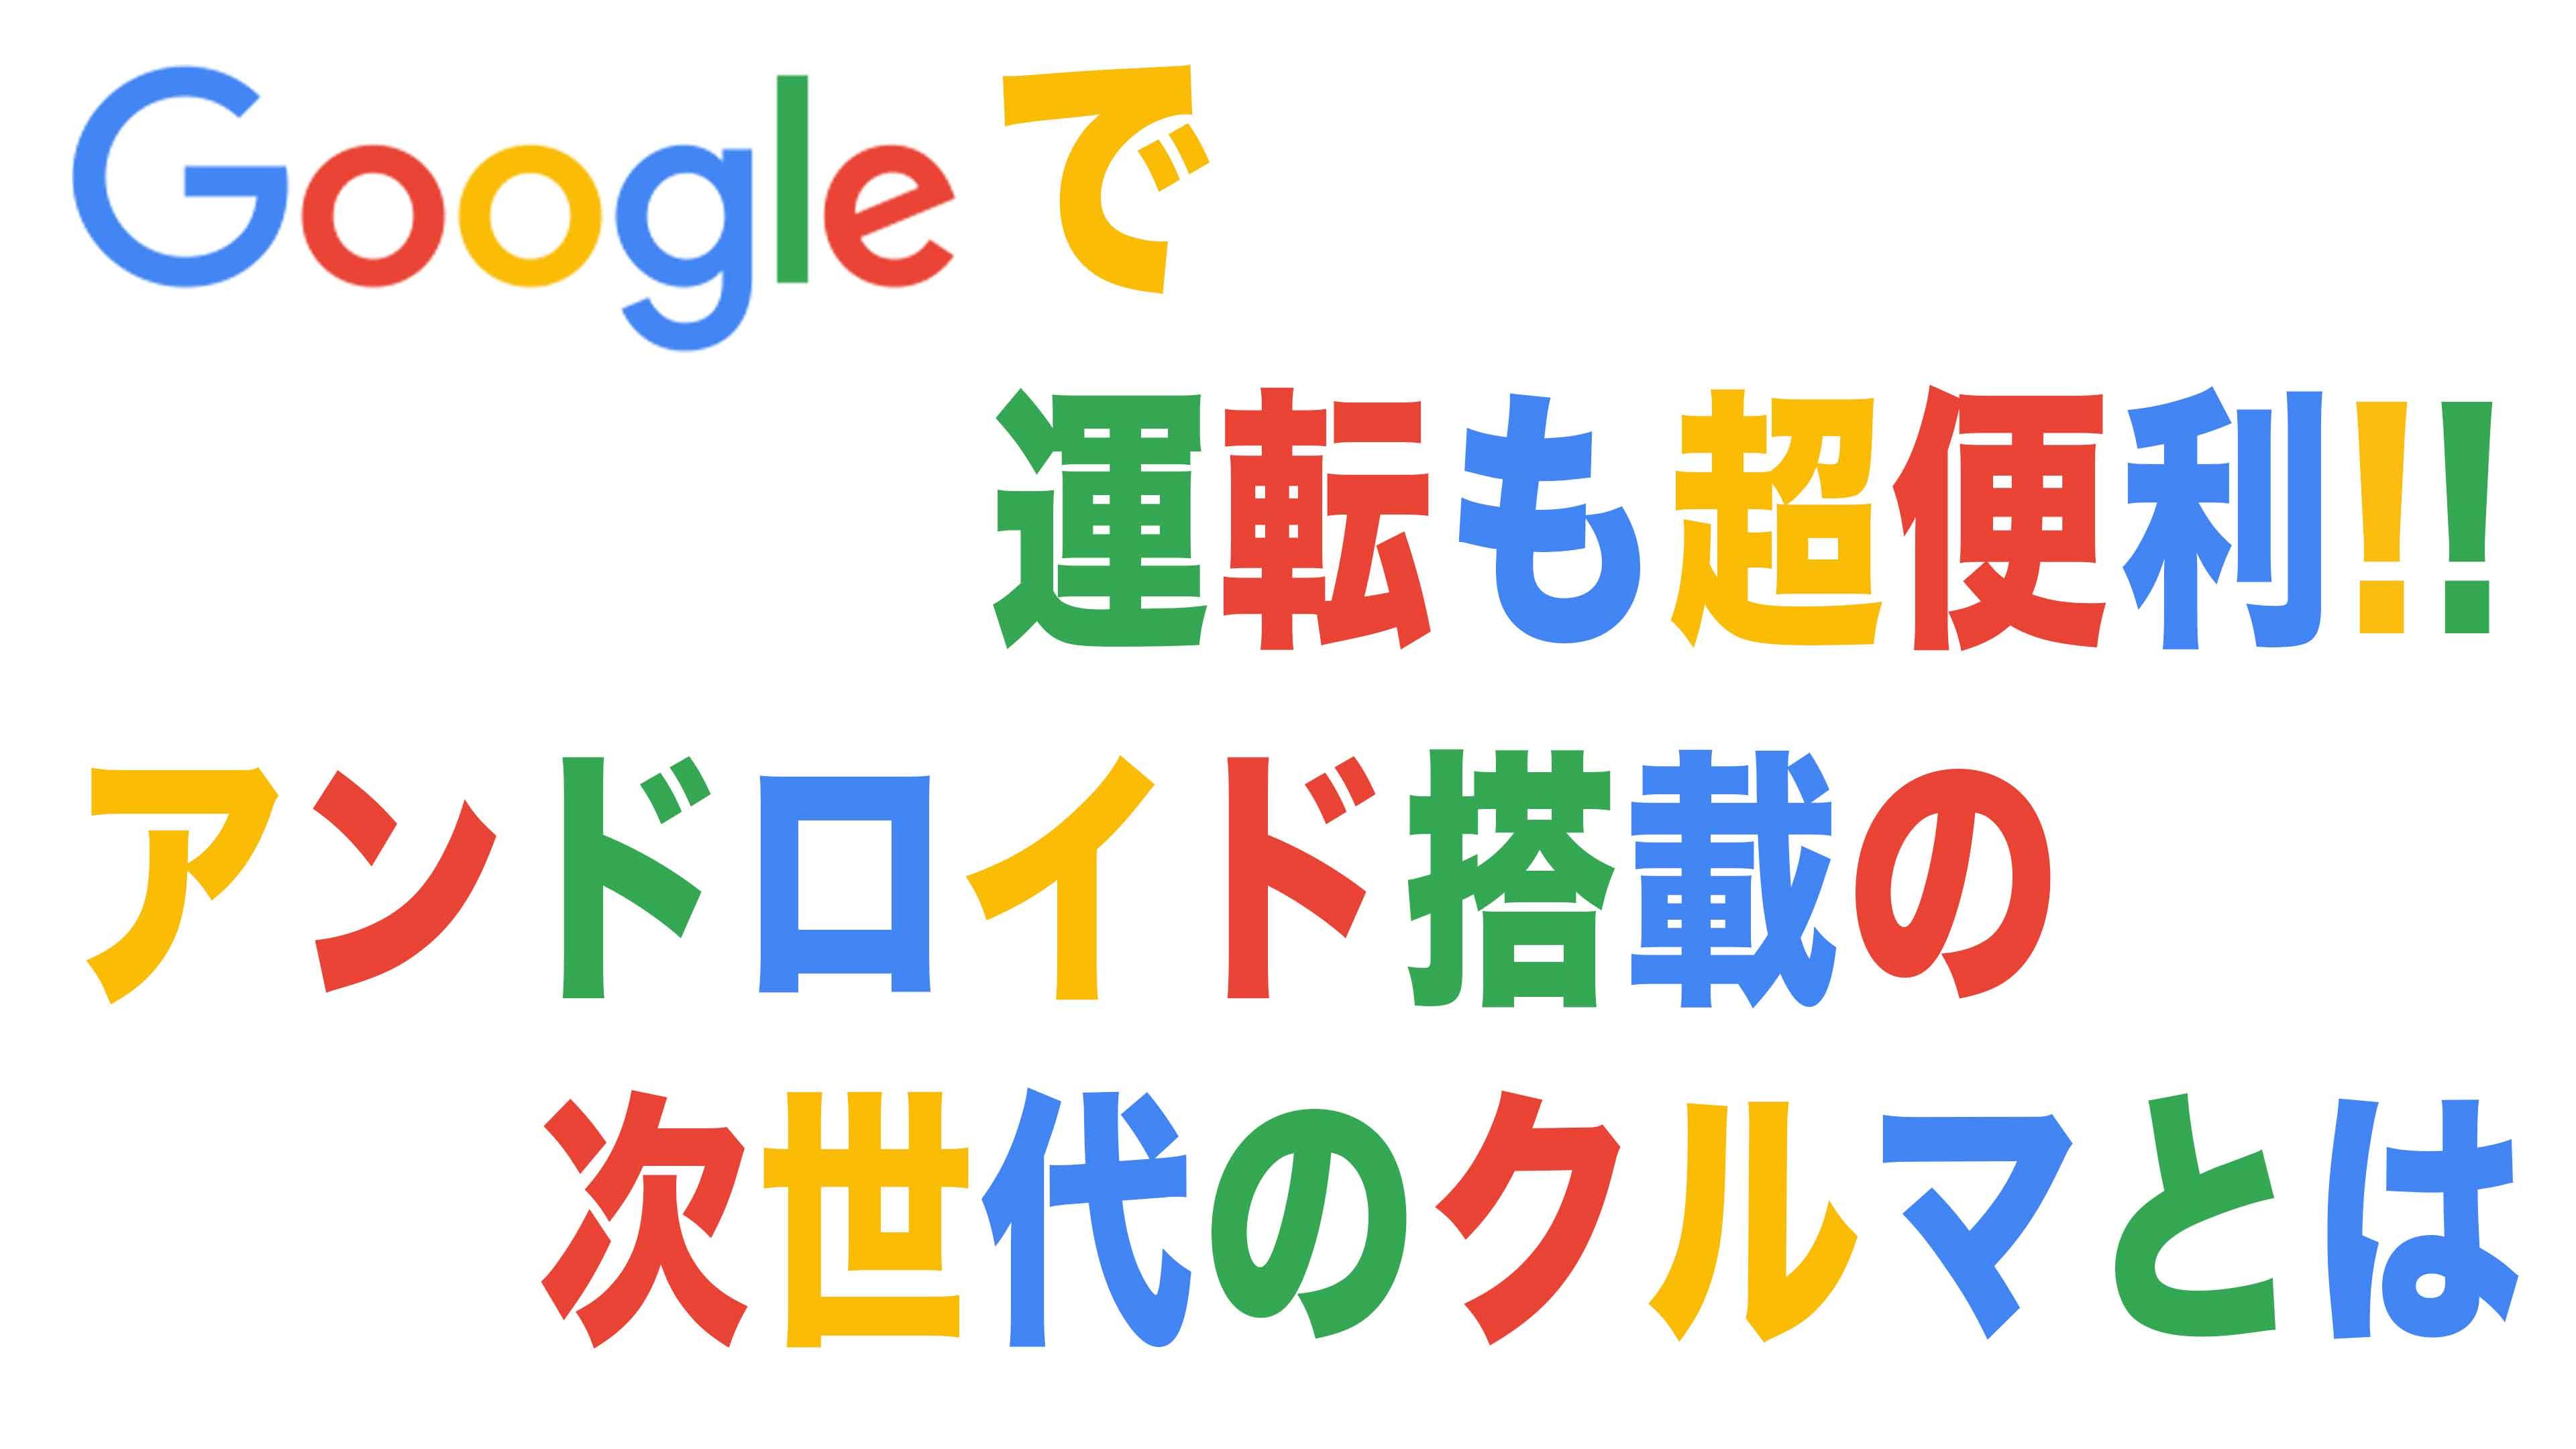 エナシフTV Googleで作る「次世代のクルマ」とは